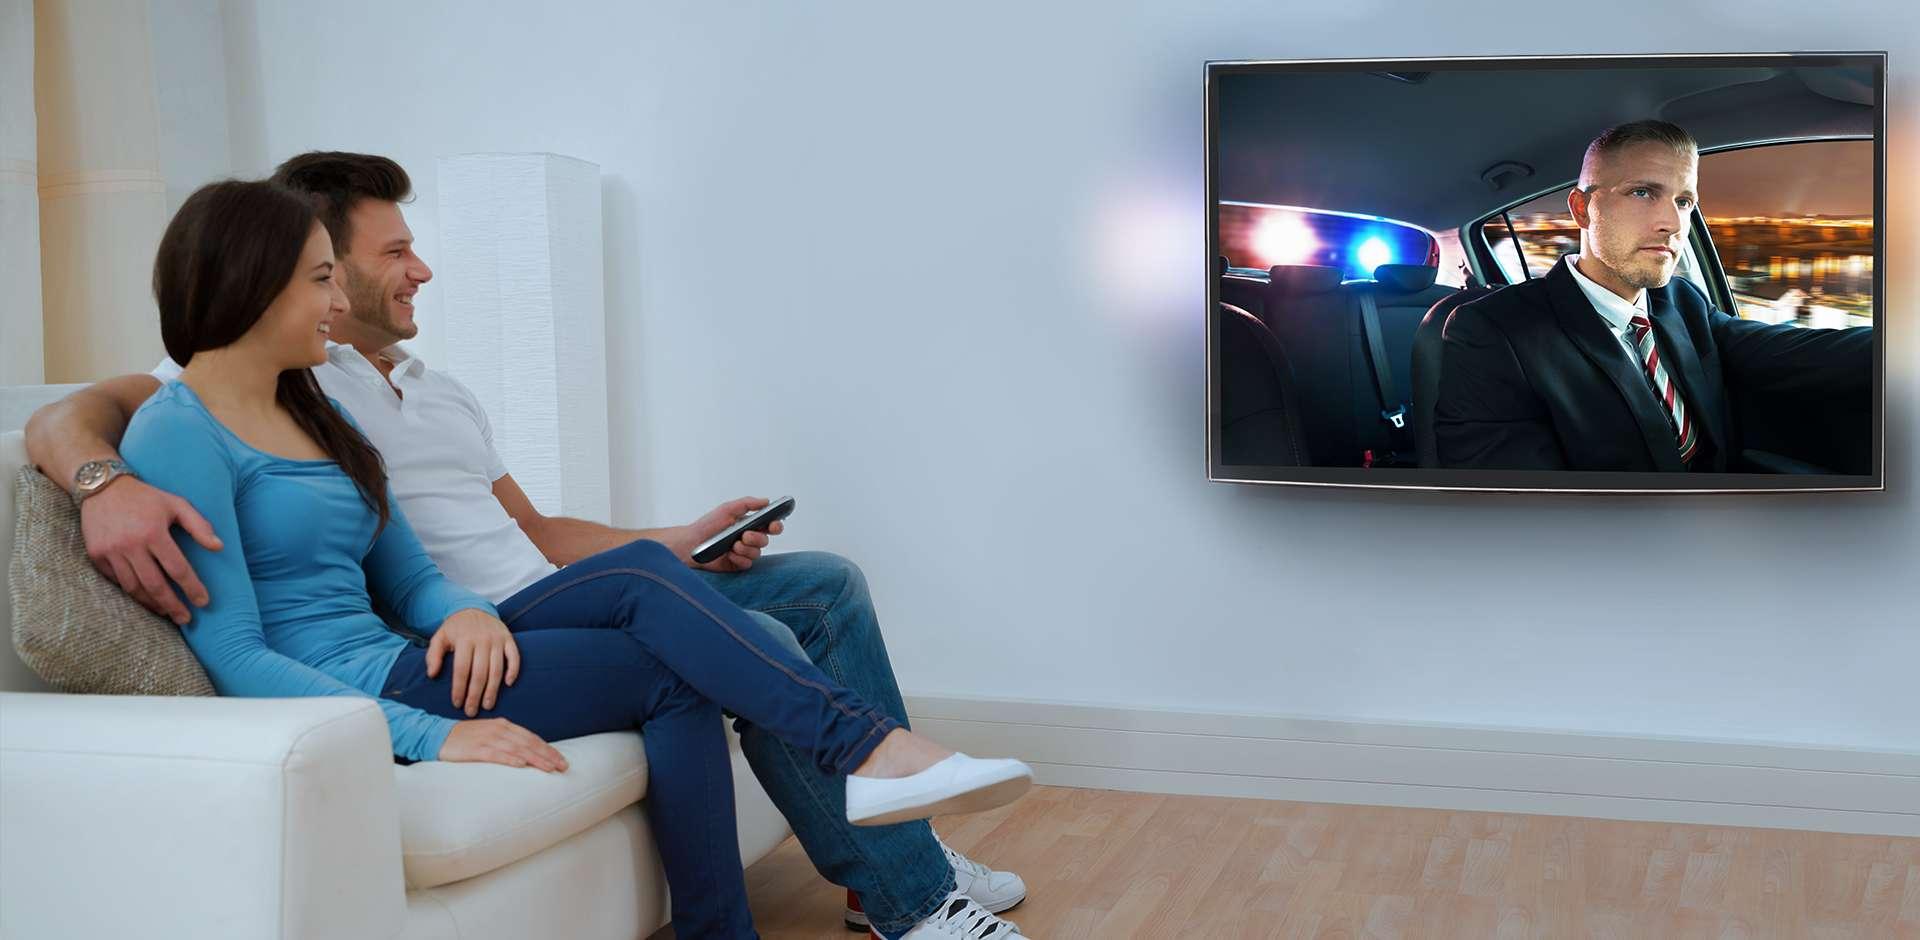 Un couple regarde la télé dans une ambiance tamisée